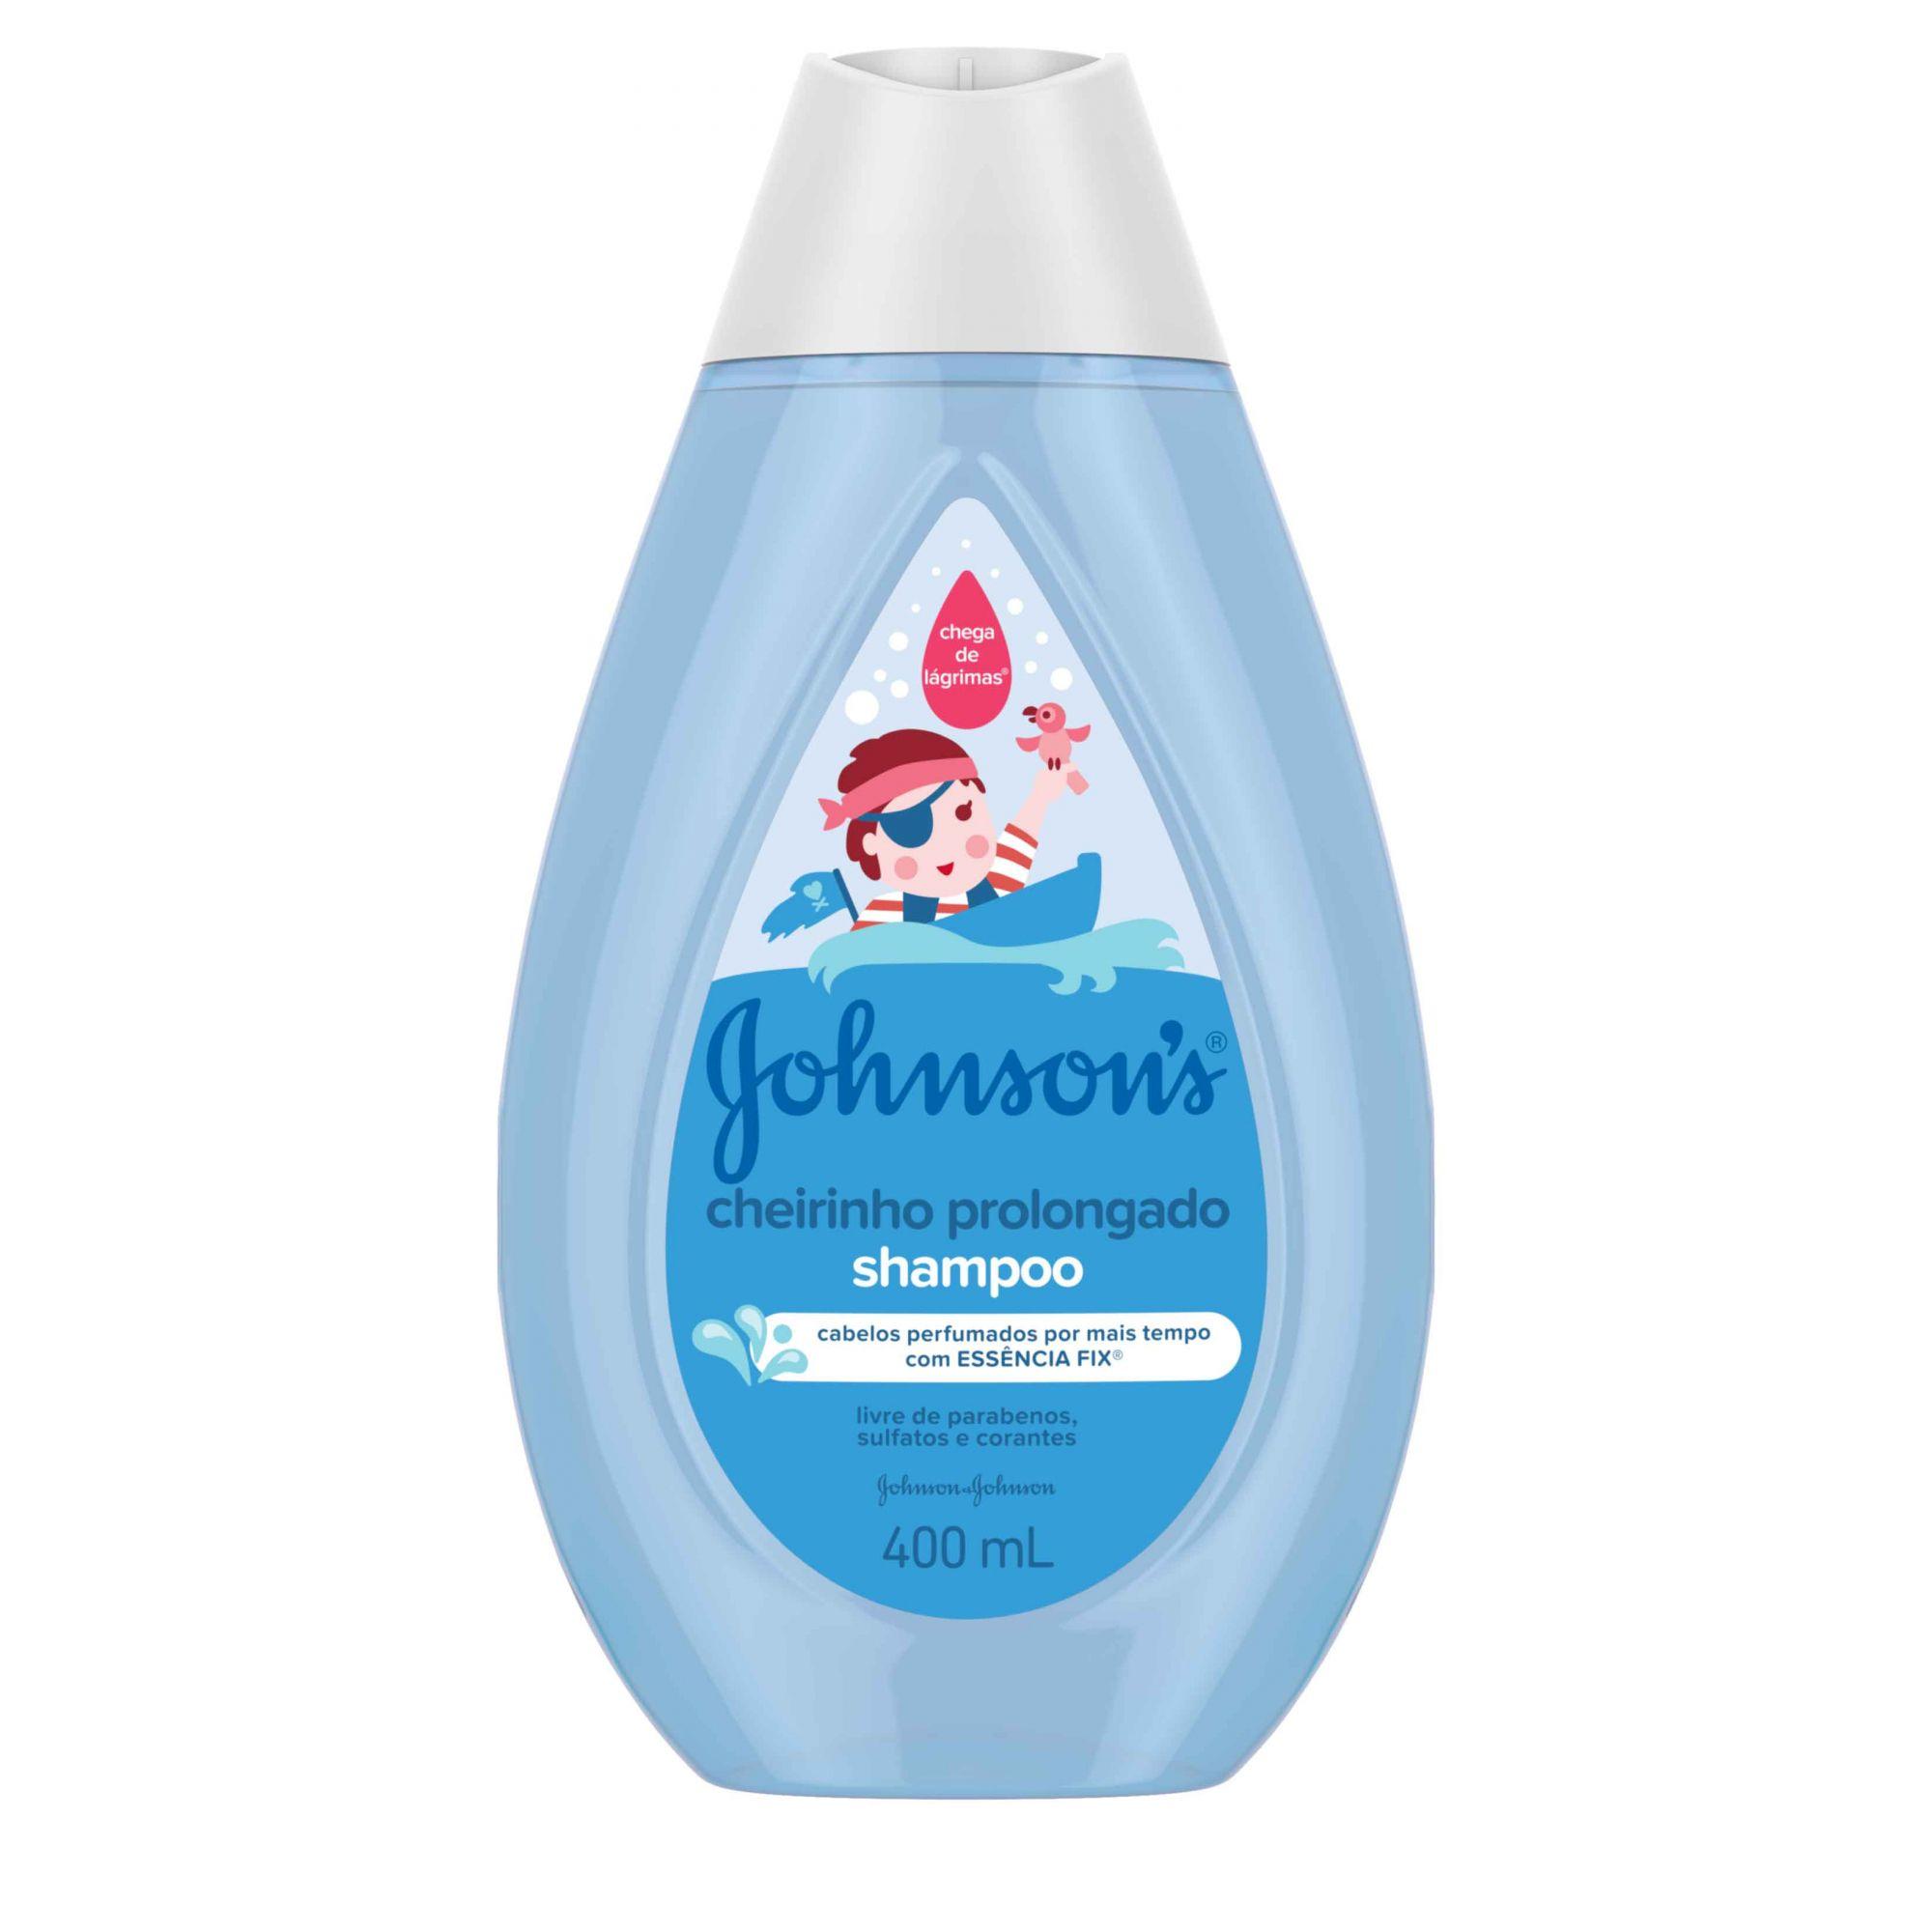 Shampoo Cheirinho Prolongado Johnson's Baby - 200ml